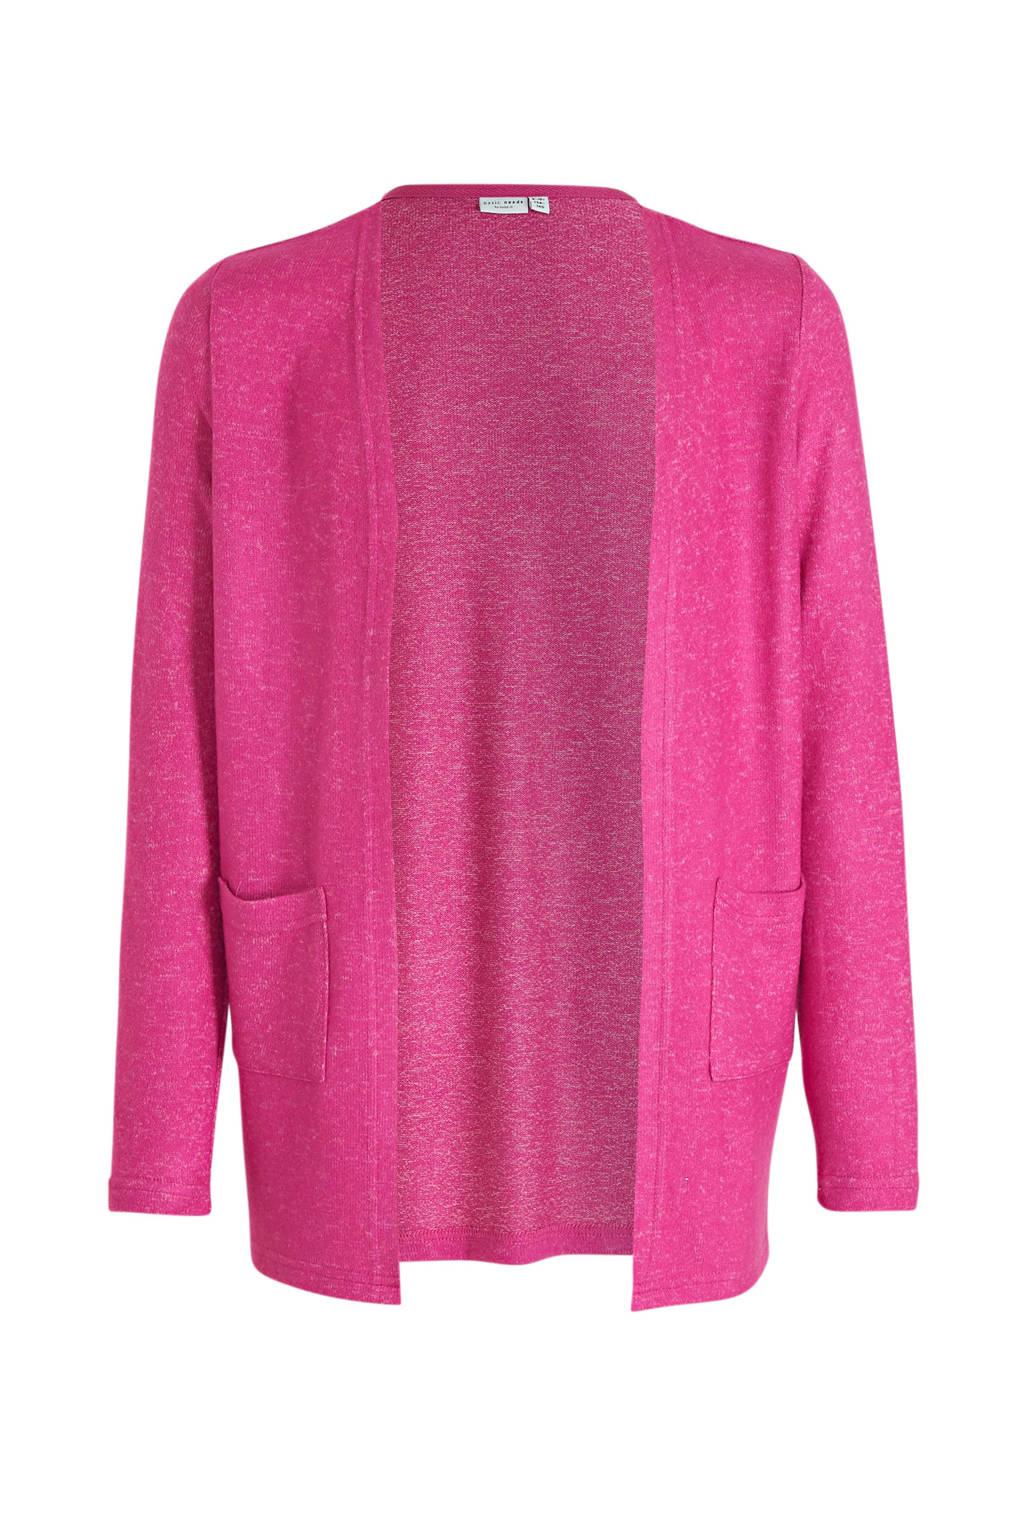 NAME IT KIDS vest Victi roze, Roze